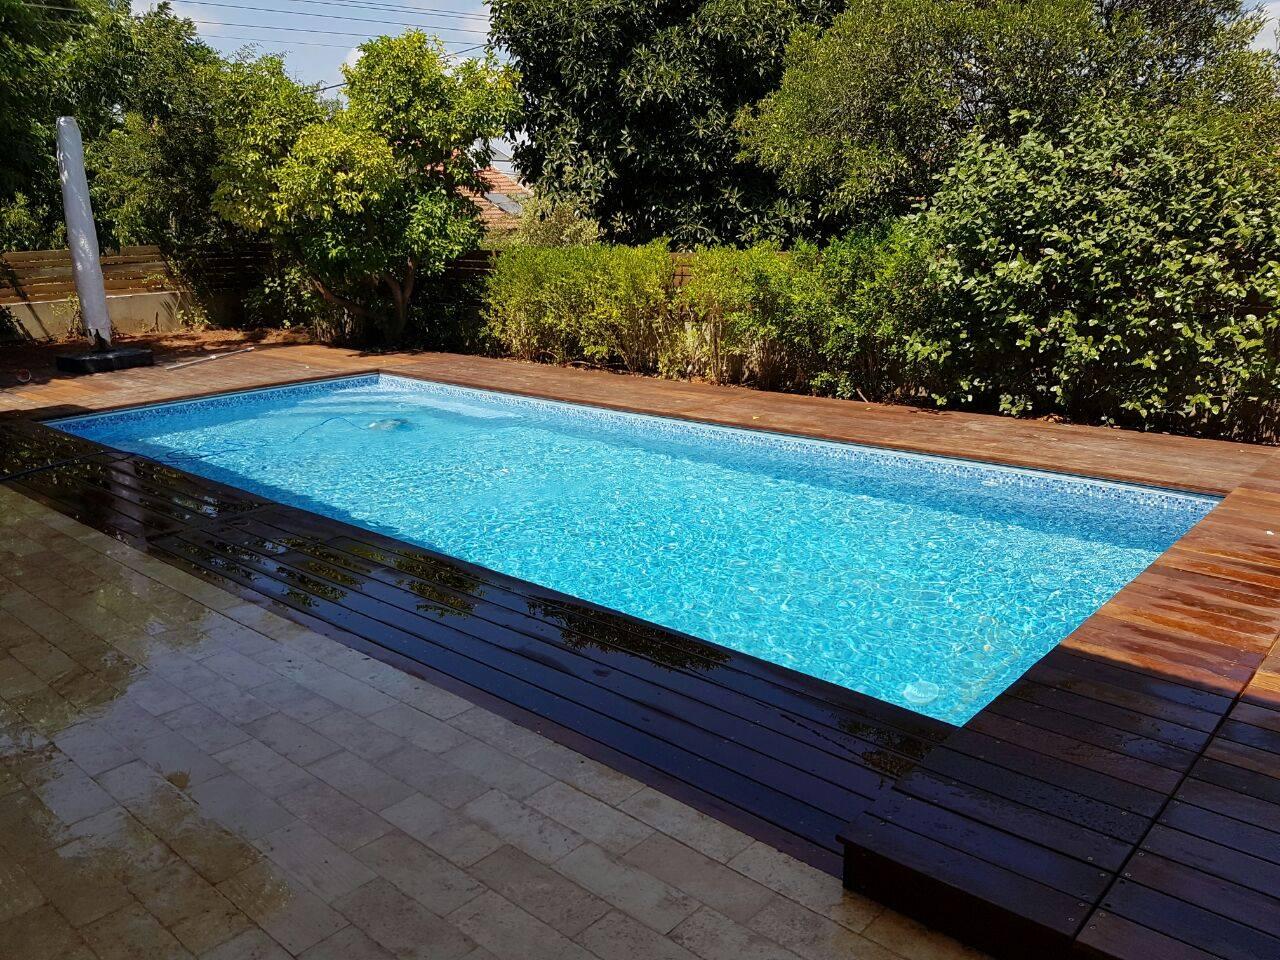 בניית בריכות שחייה פרטיות